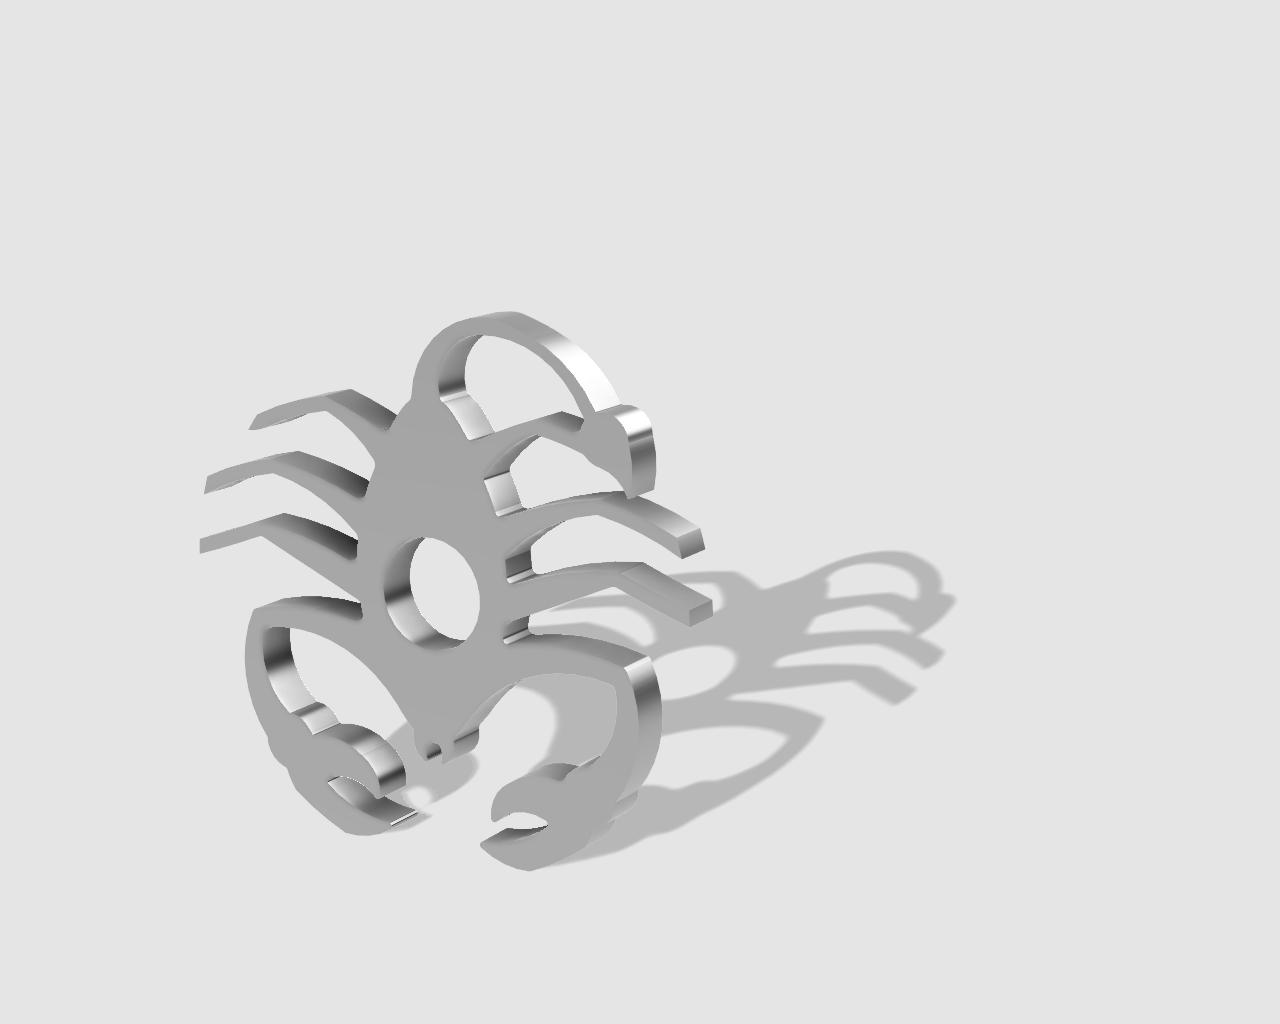 45rpm adaptor - scorpian